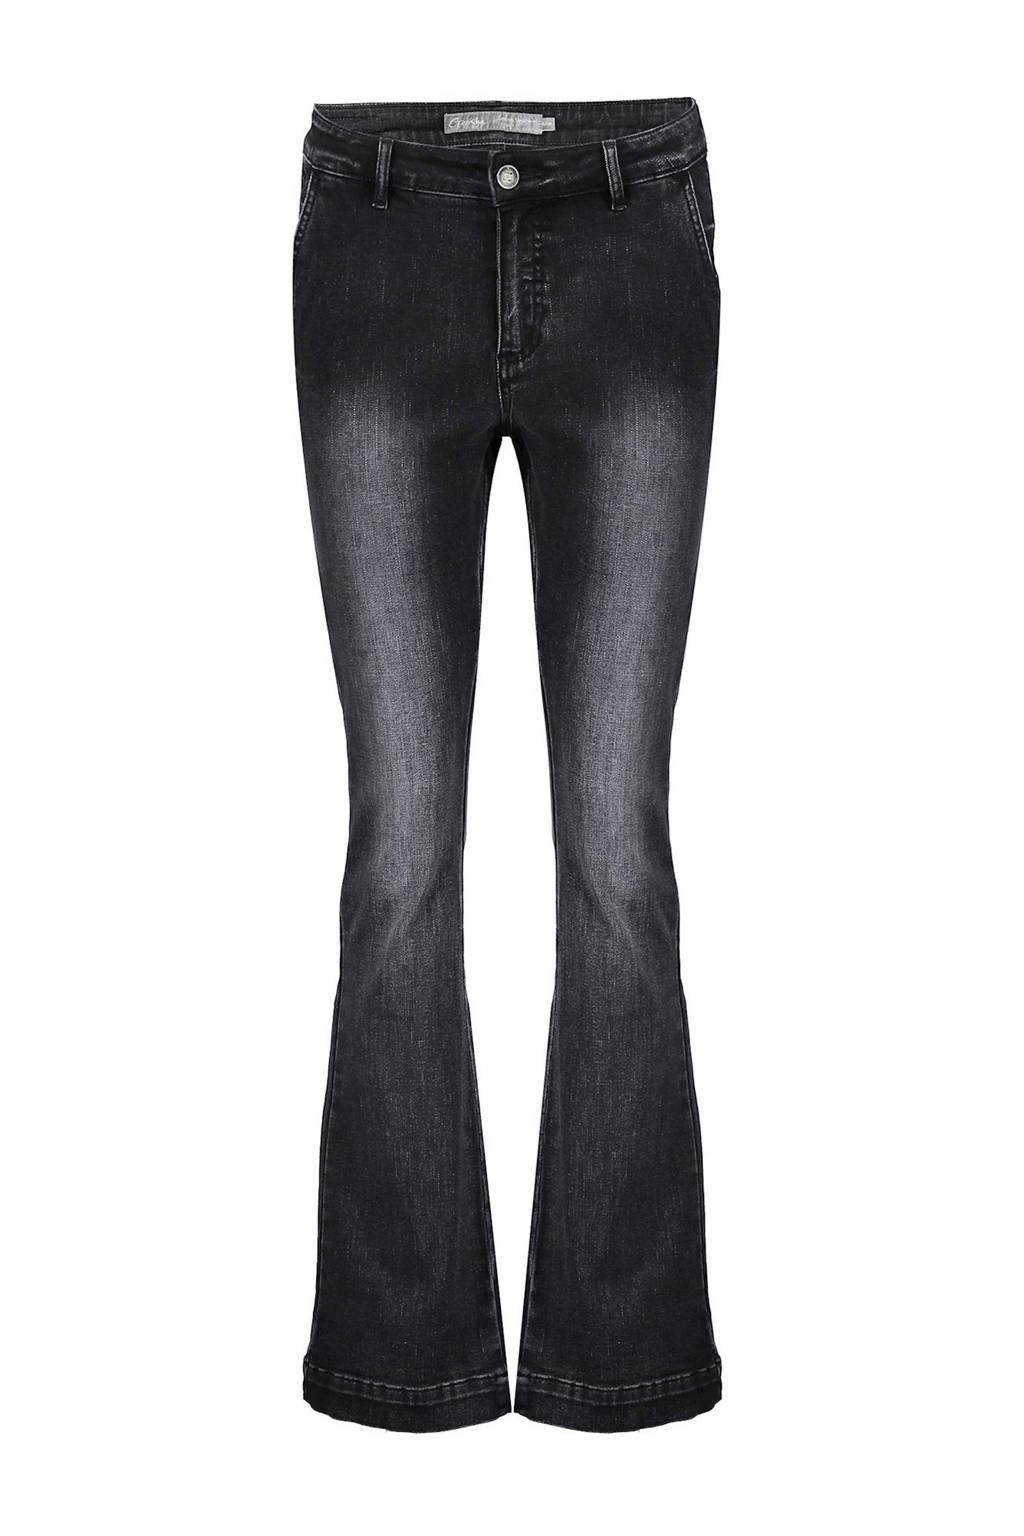 Geisha high waist flared jeans zwart bleached, Zwart bleached